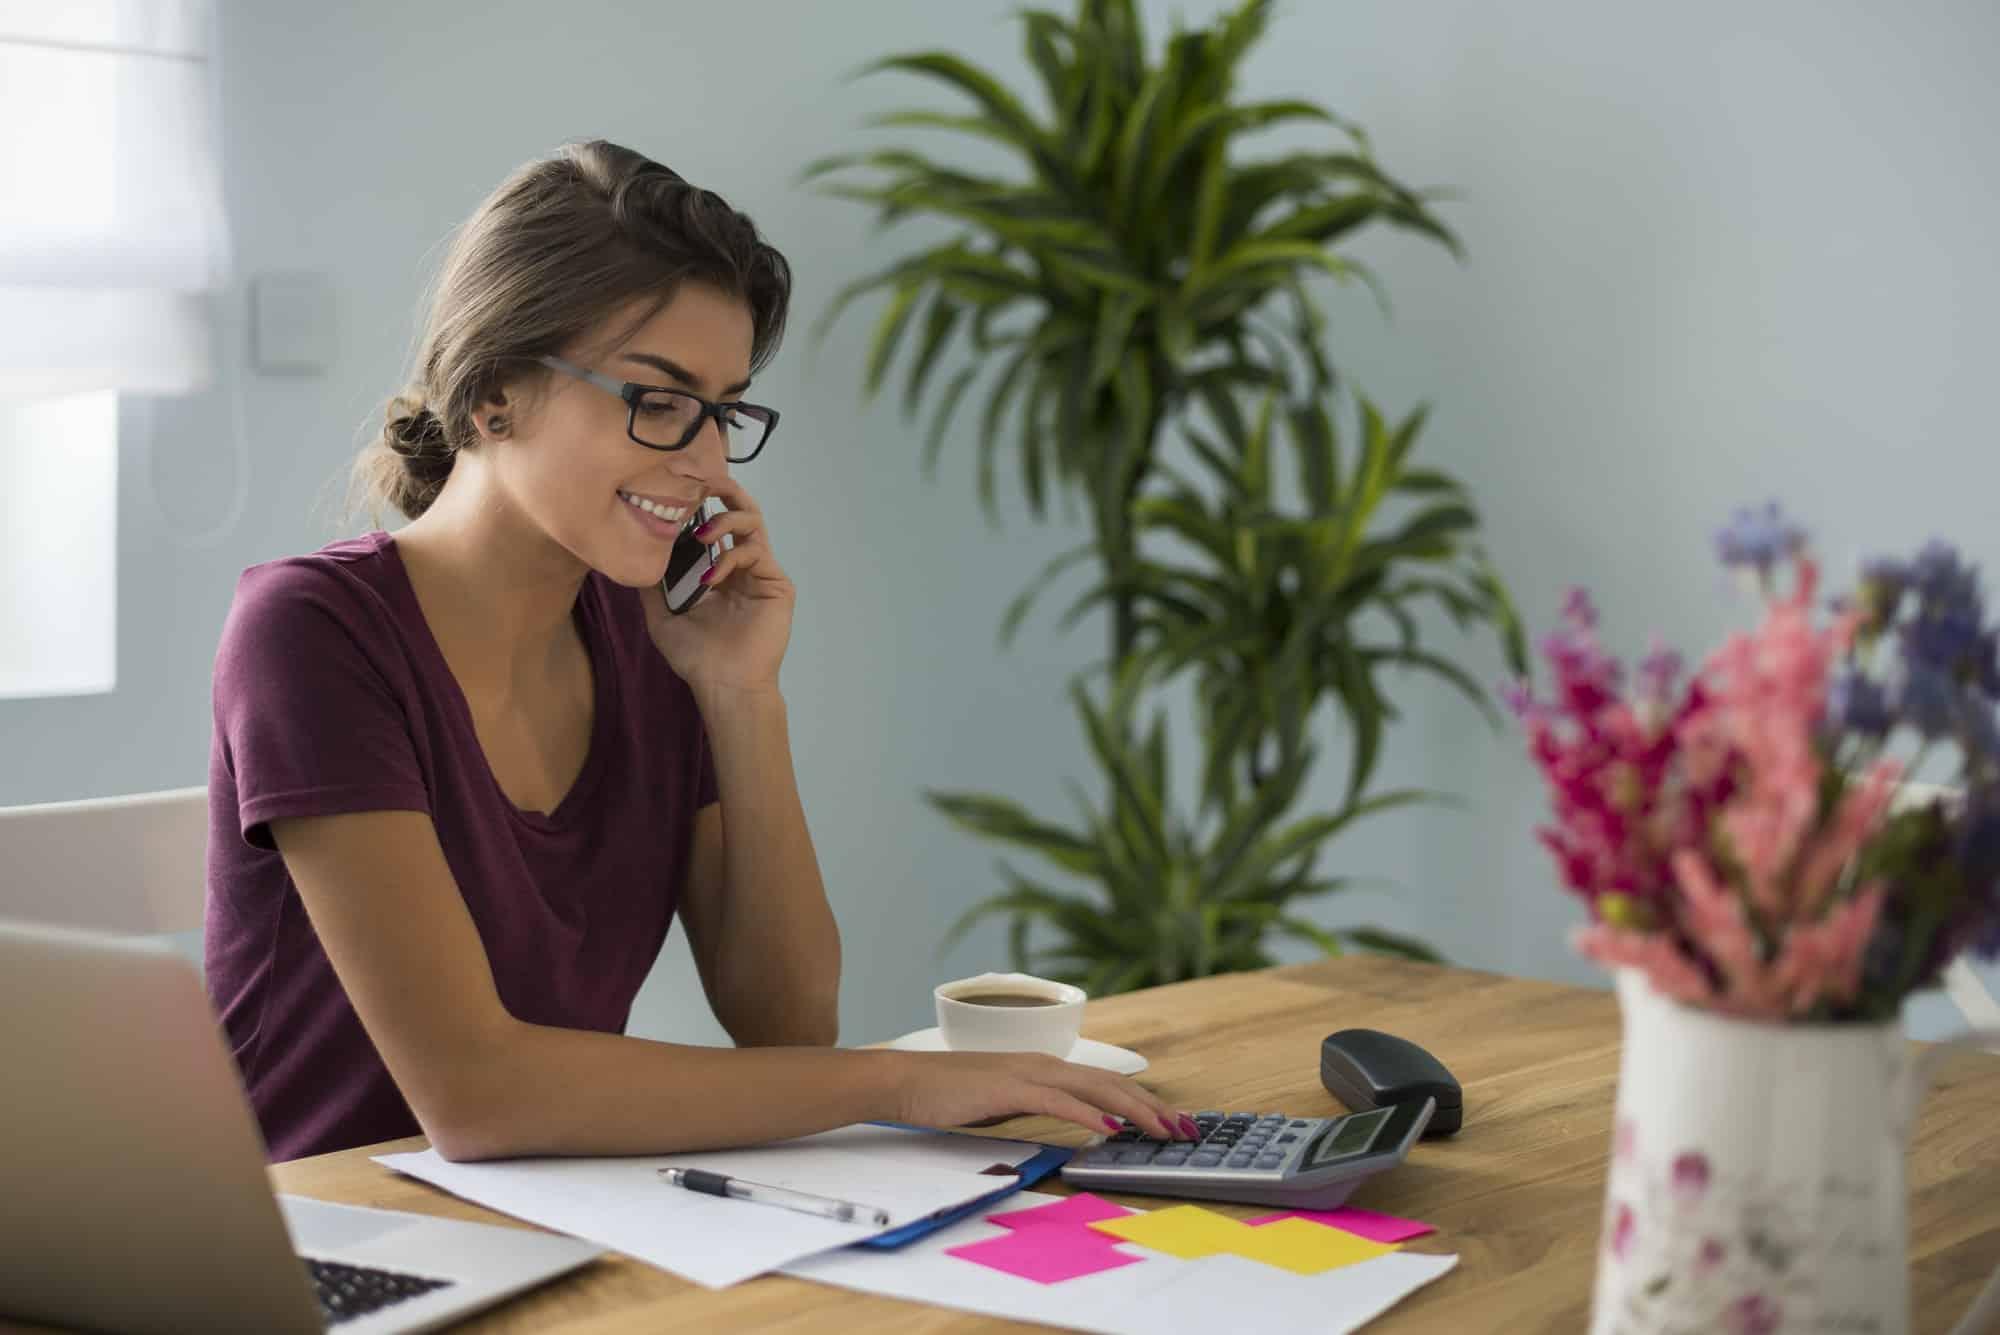 Comment calculer le coût de l'emprunt?